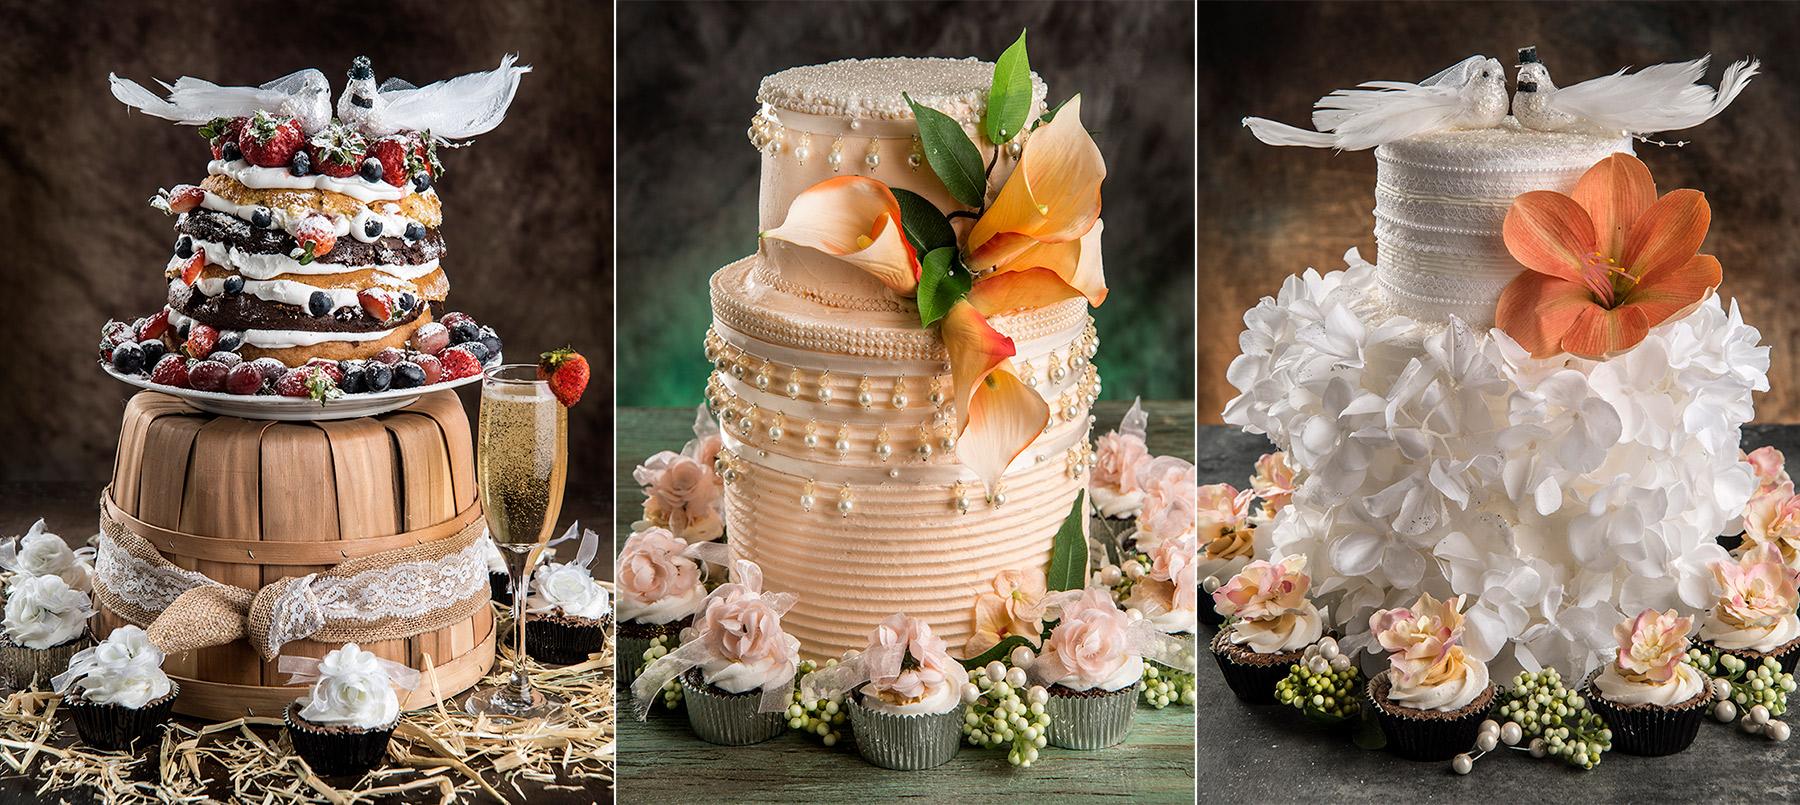 Terris-cupcakes-Cakes